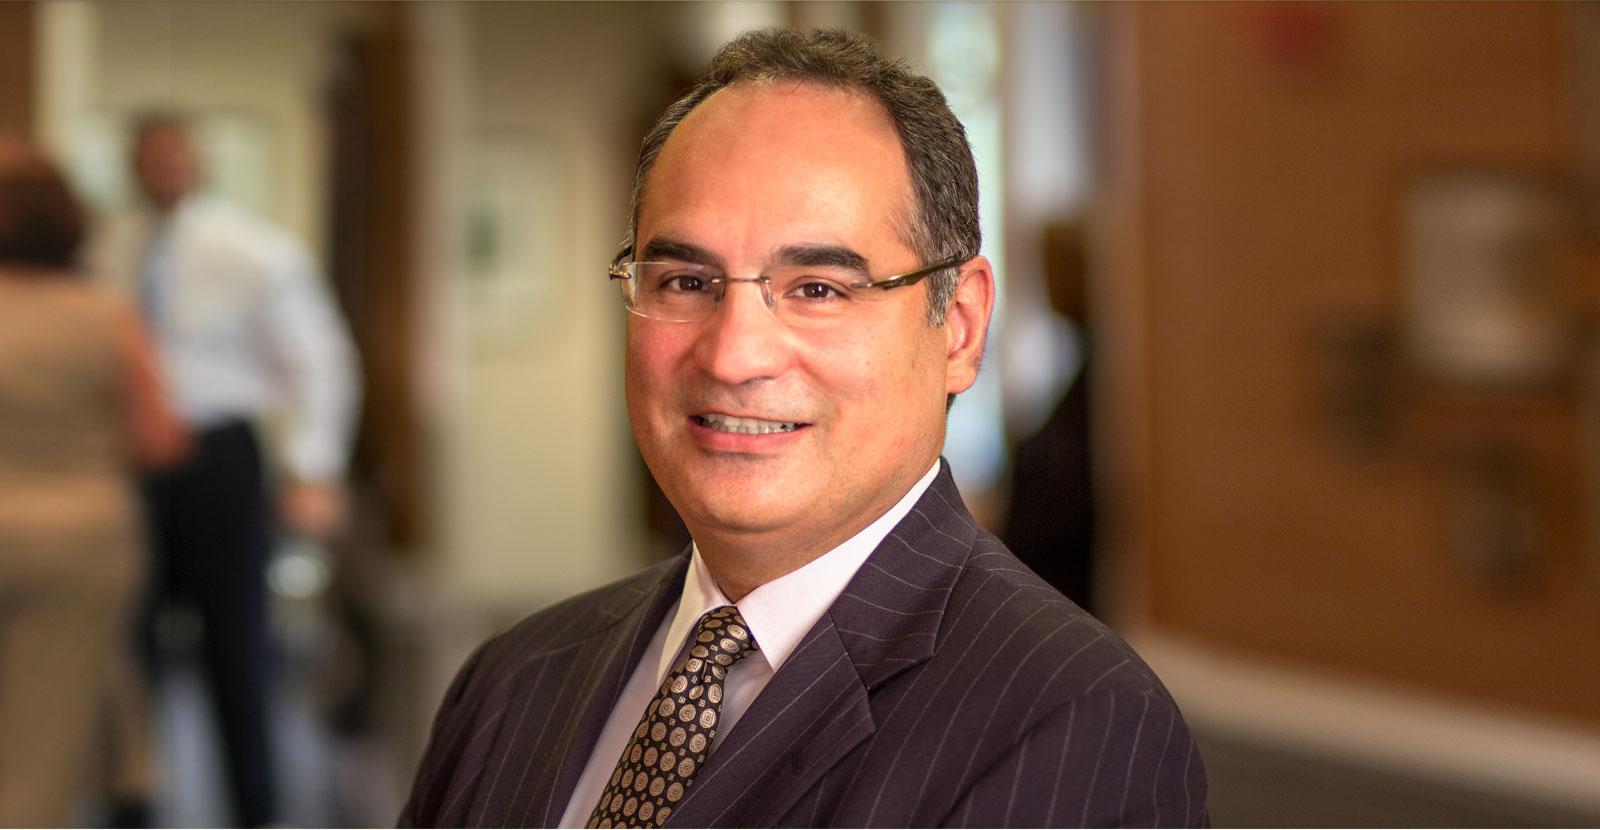 Ardavan Mobasheri